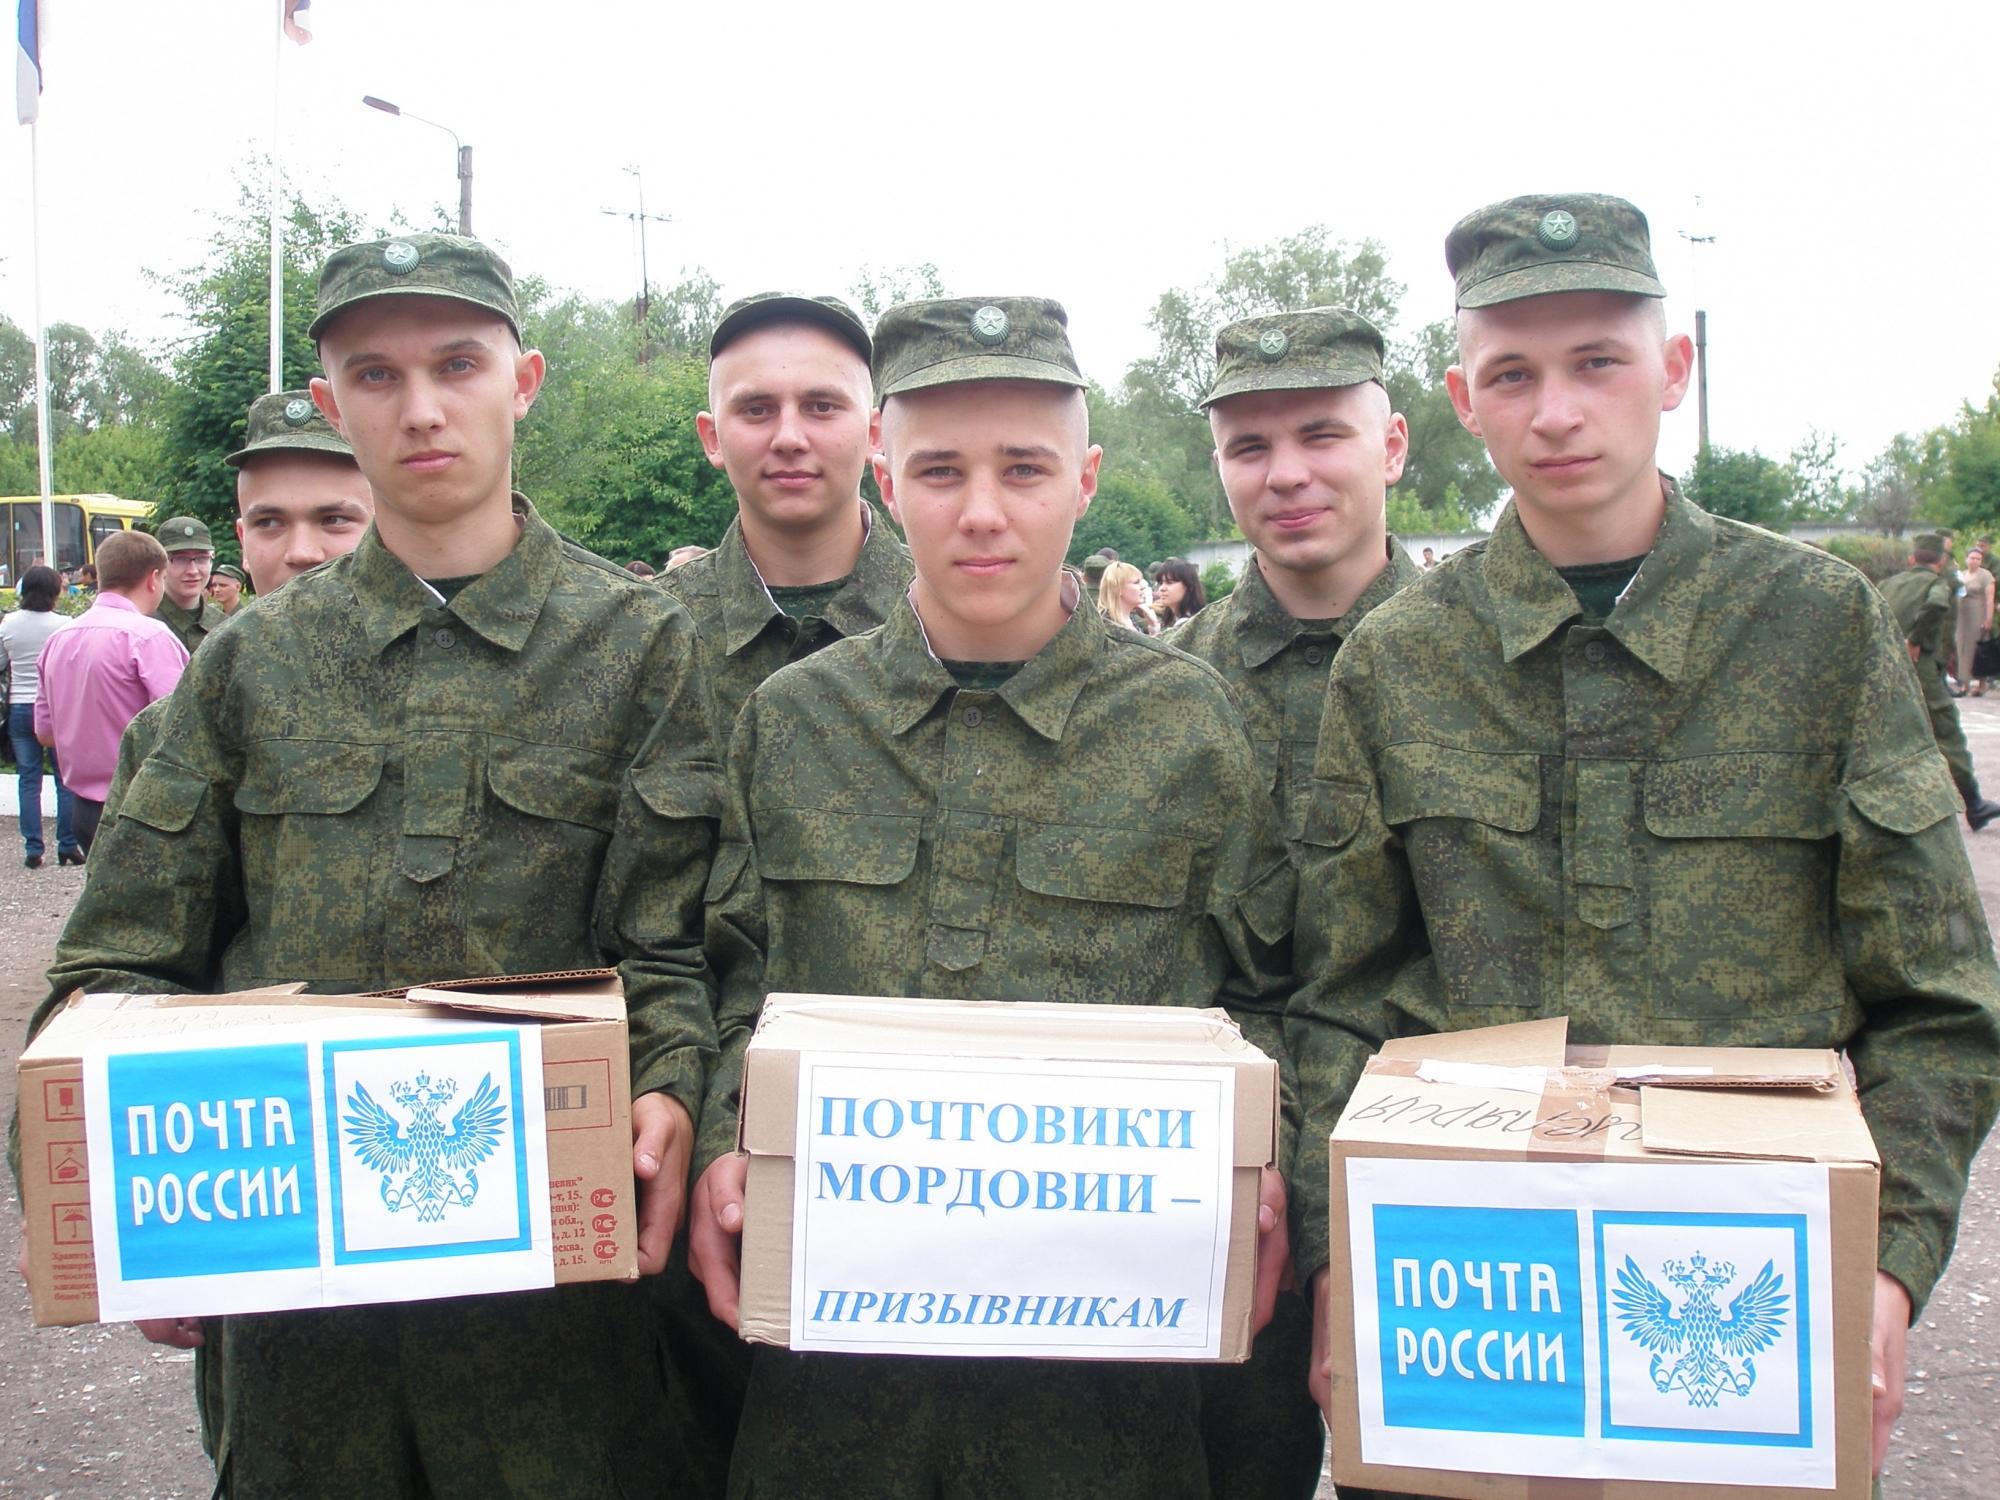 День почты России 2018 - Поздравок